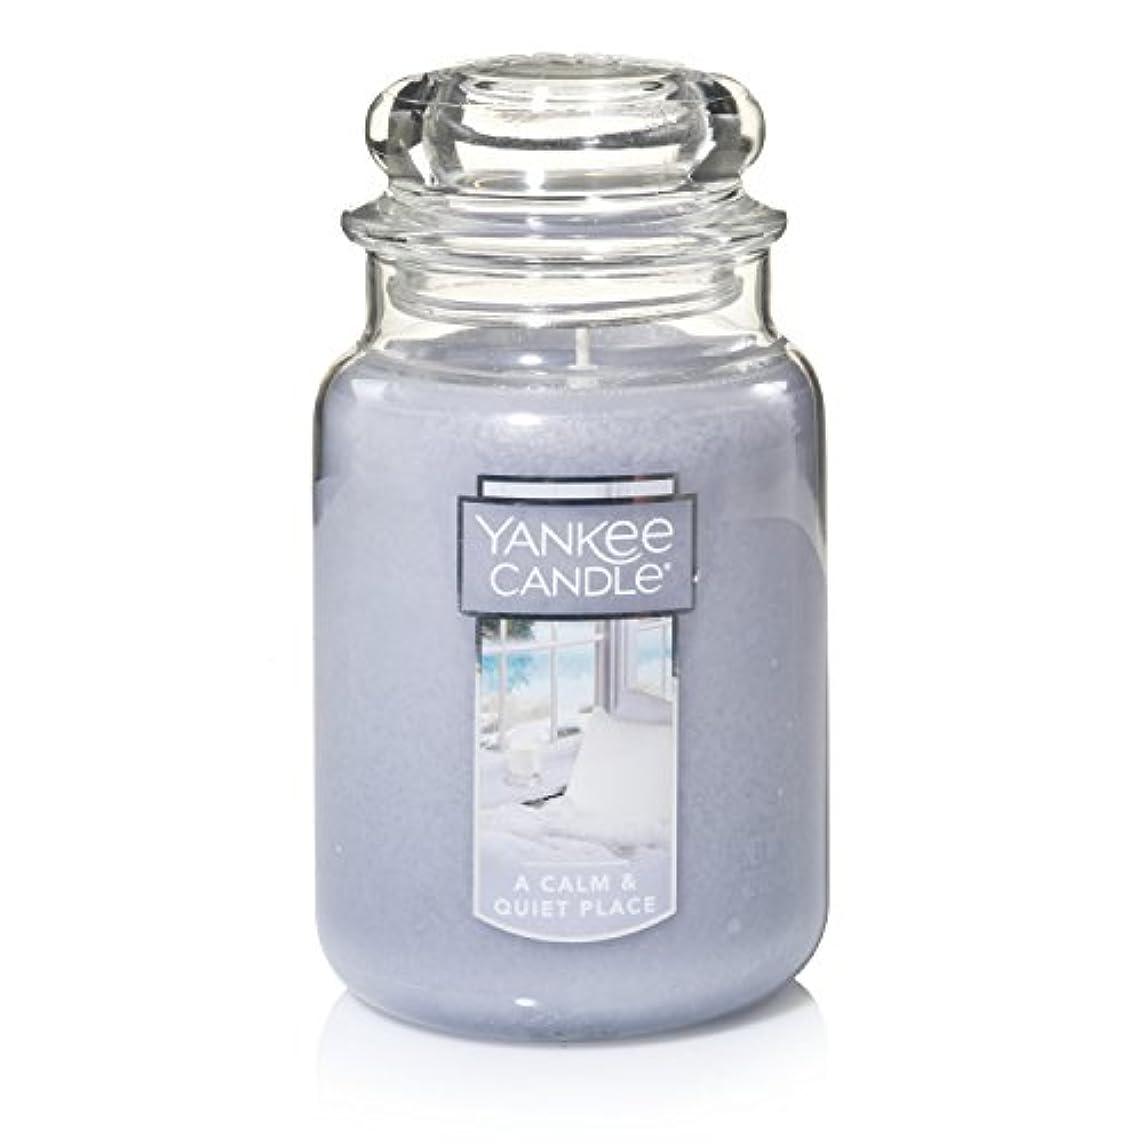 憂慮すべき座る略奪Yankee Candle A Calm & Quiet Place Jar Candle , Large